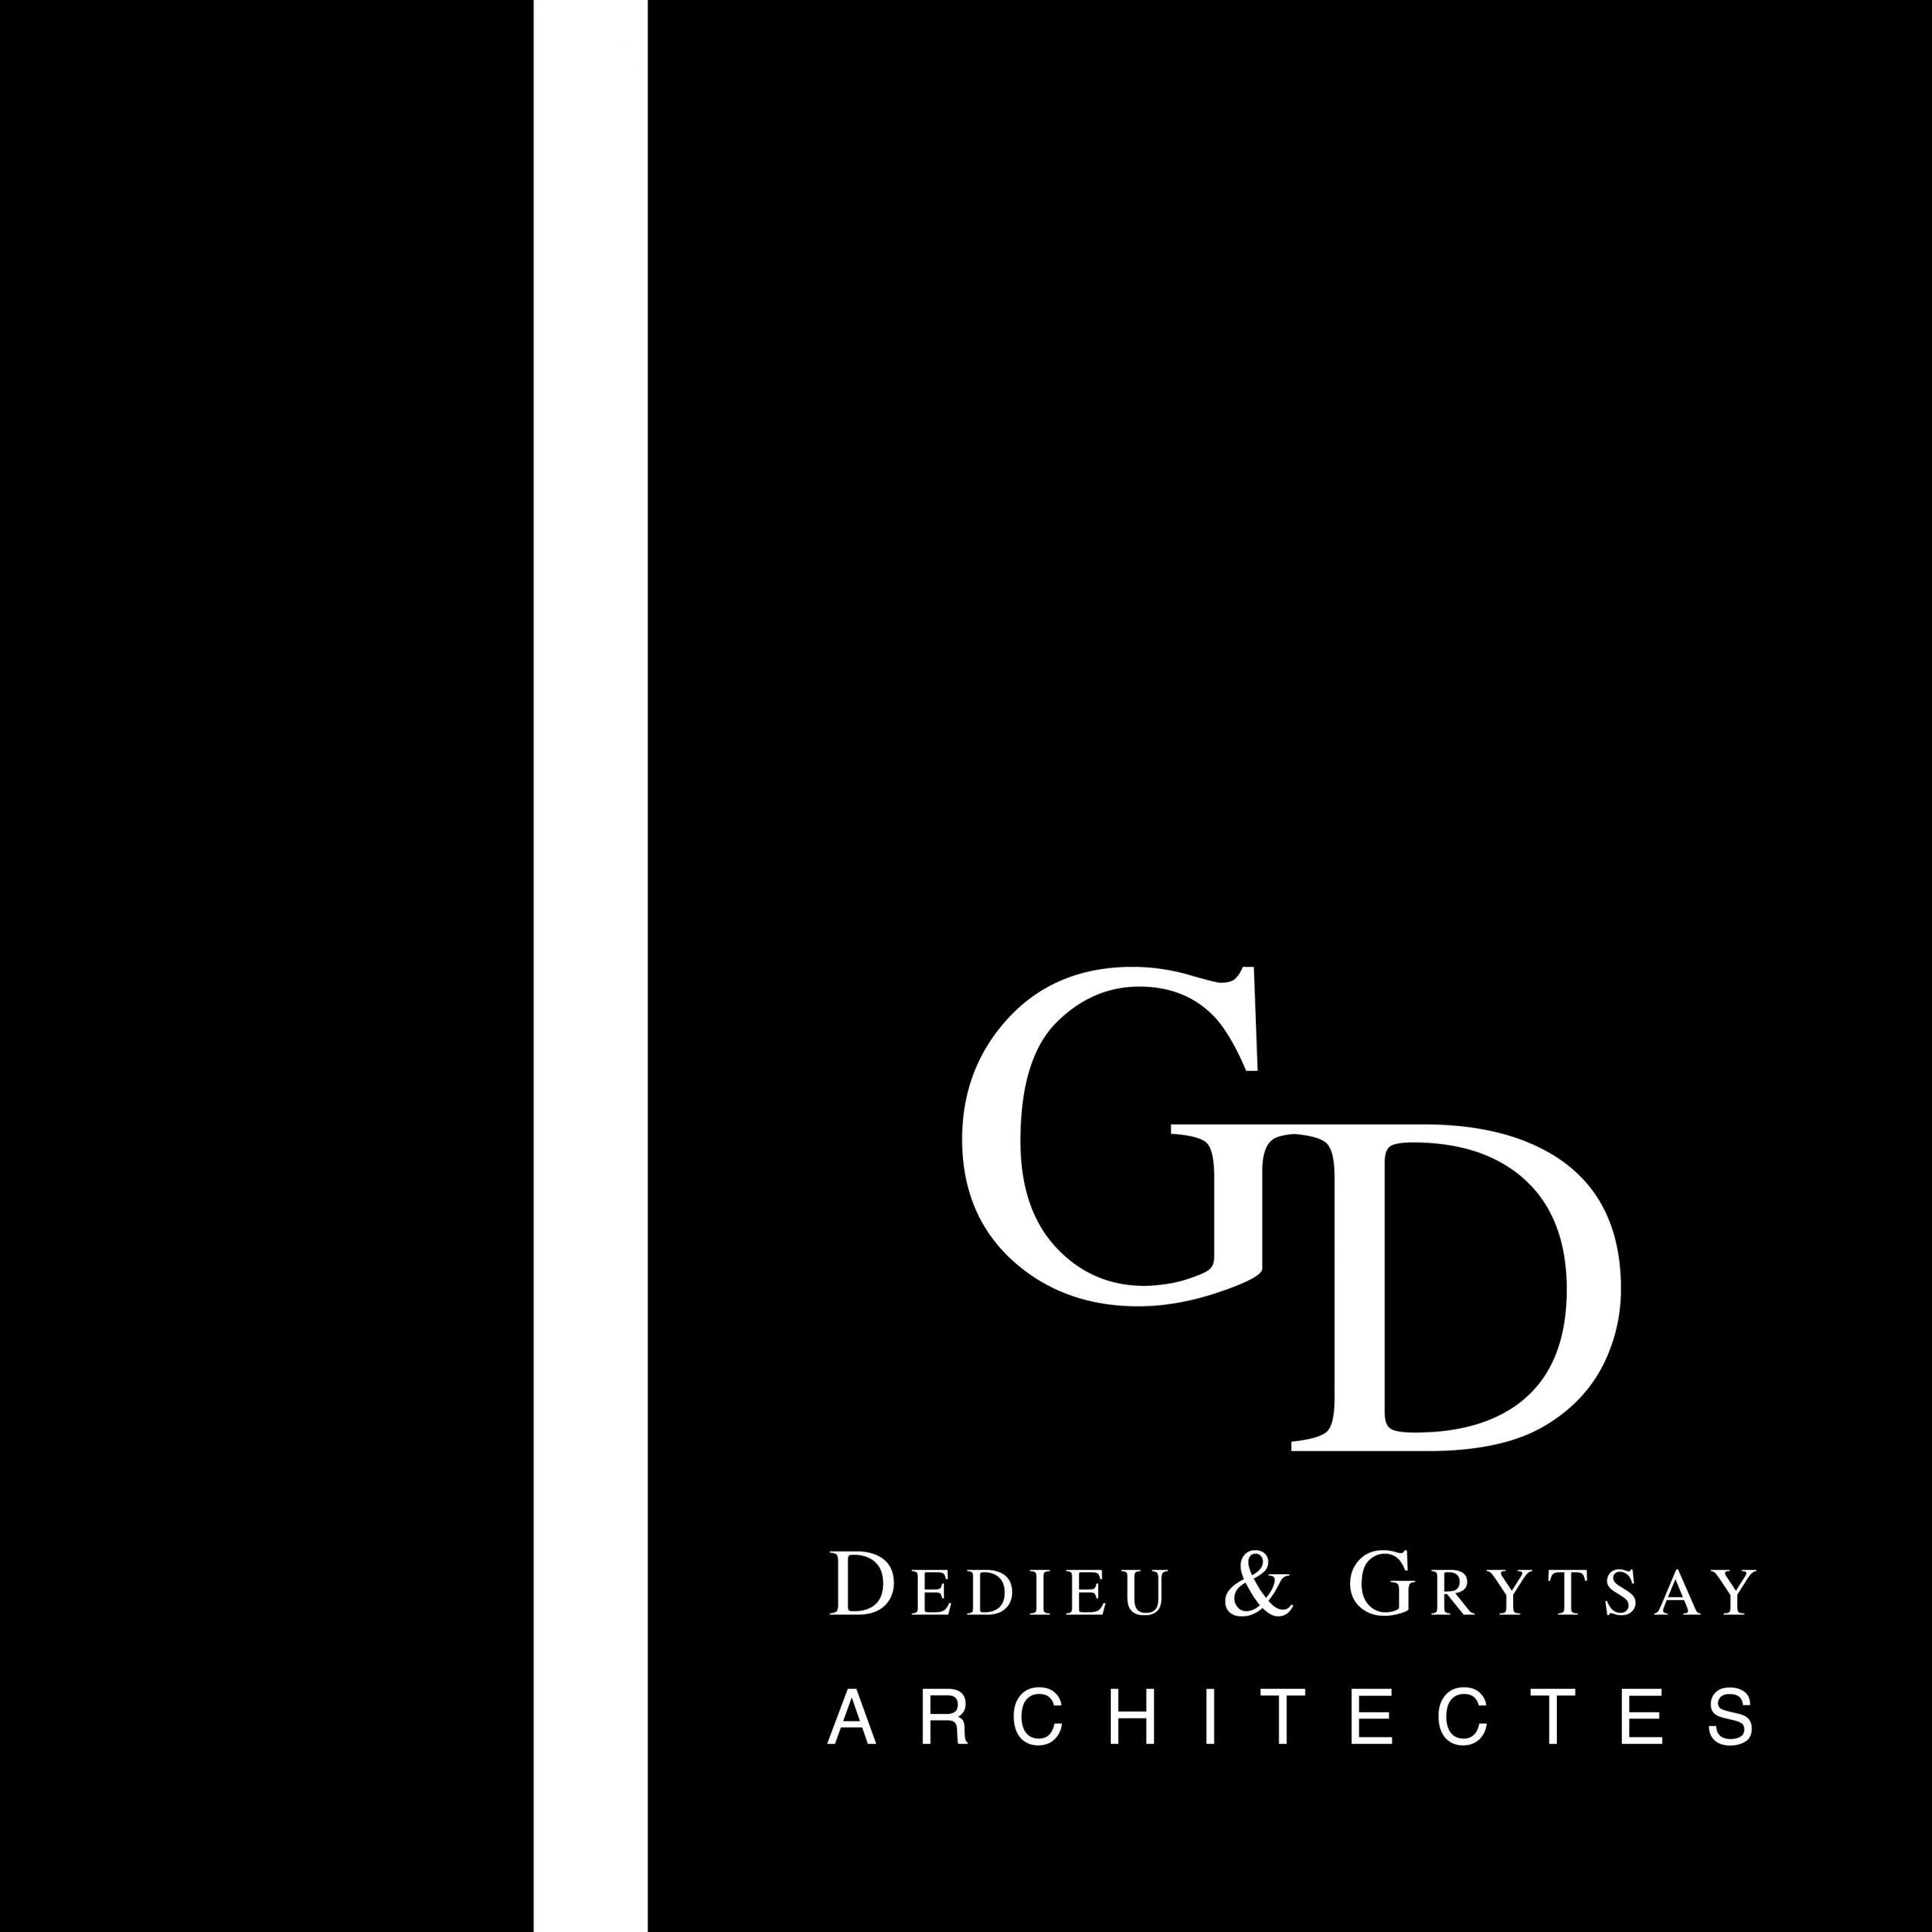 DEDIEU & GRYTSAY ARCHITECTES